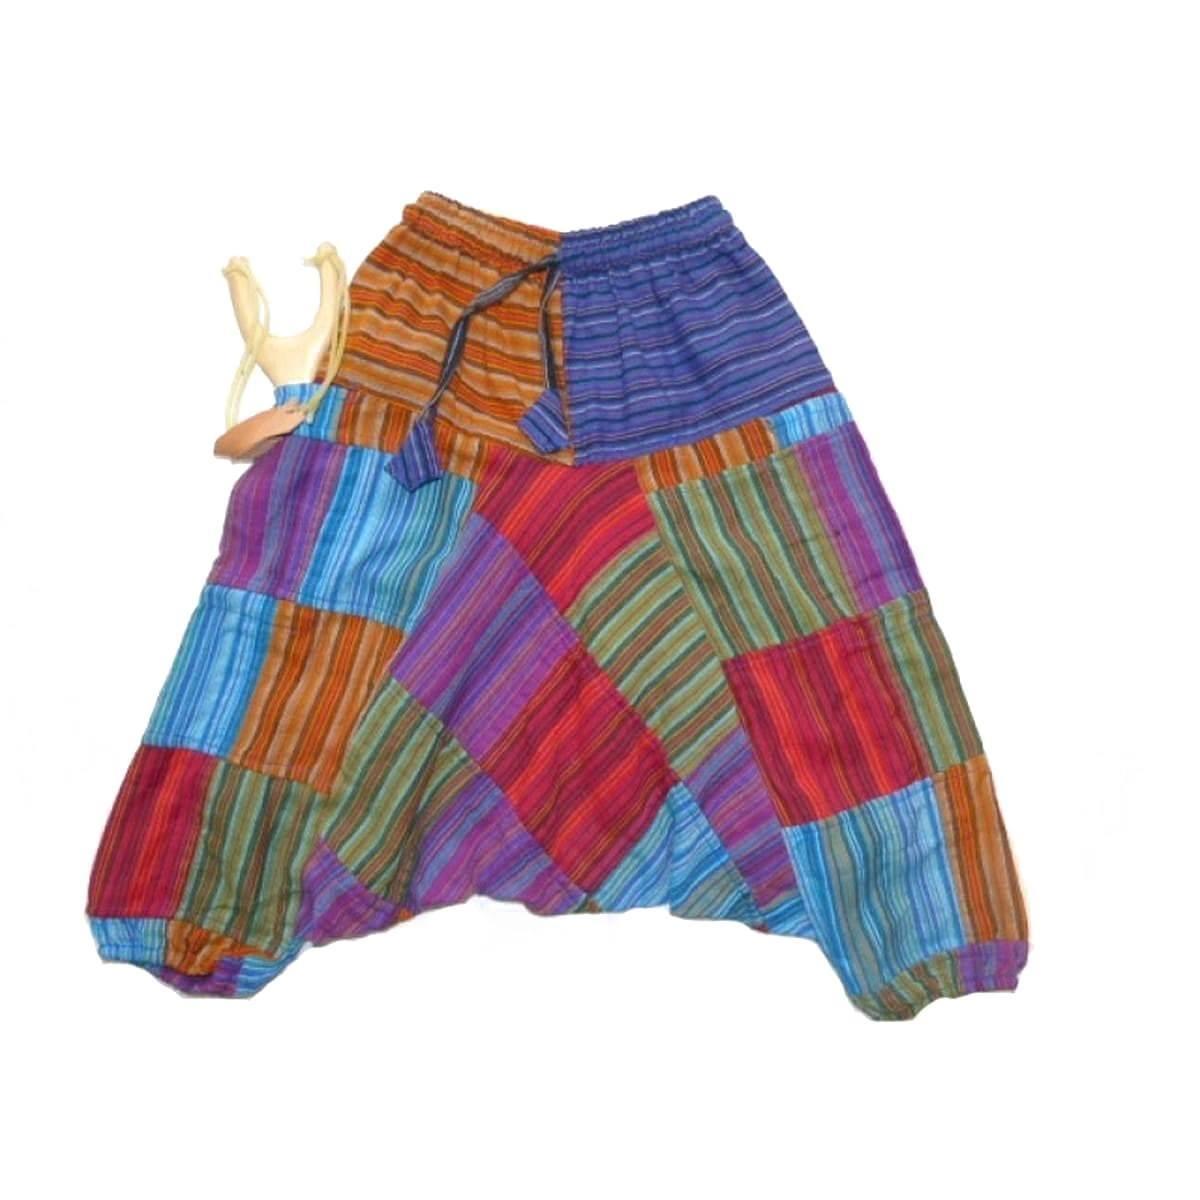 rationelle Konstruktion große Auswahl am besten geliebt Kinderhose Patchwork Haremshose Pumphose Aladinhose ...